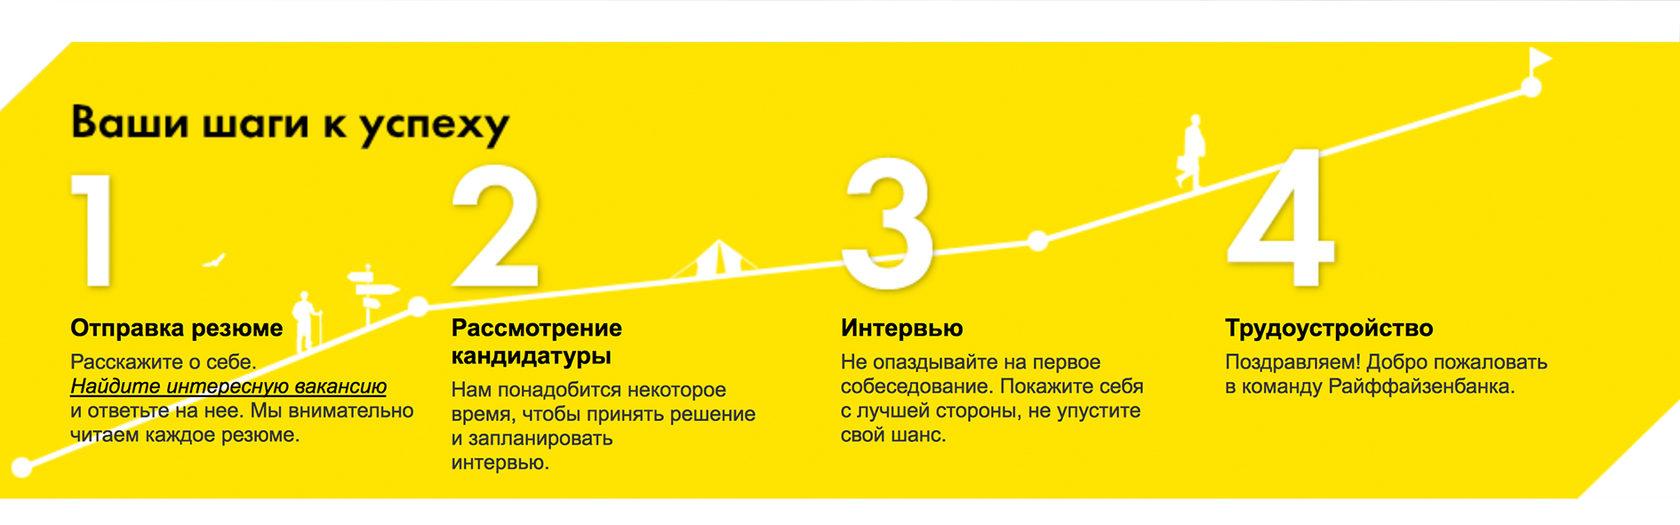 банк открытие пенсионная карта условия